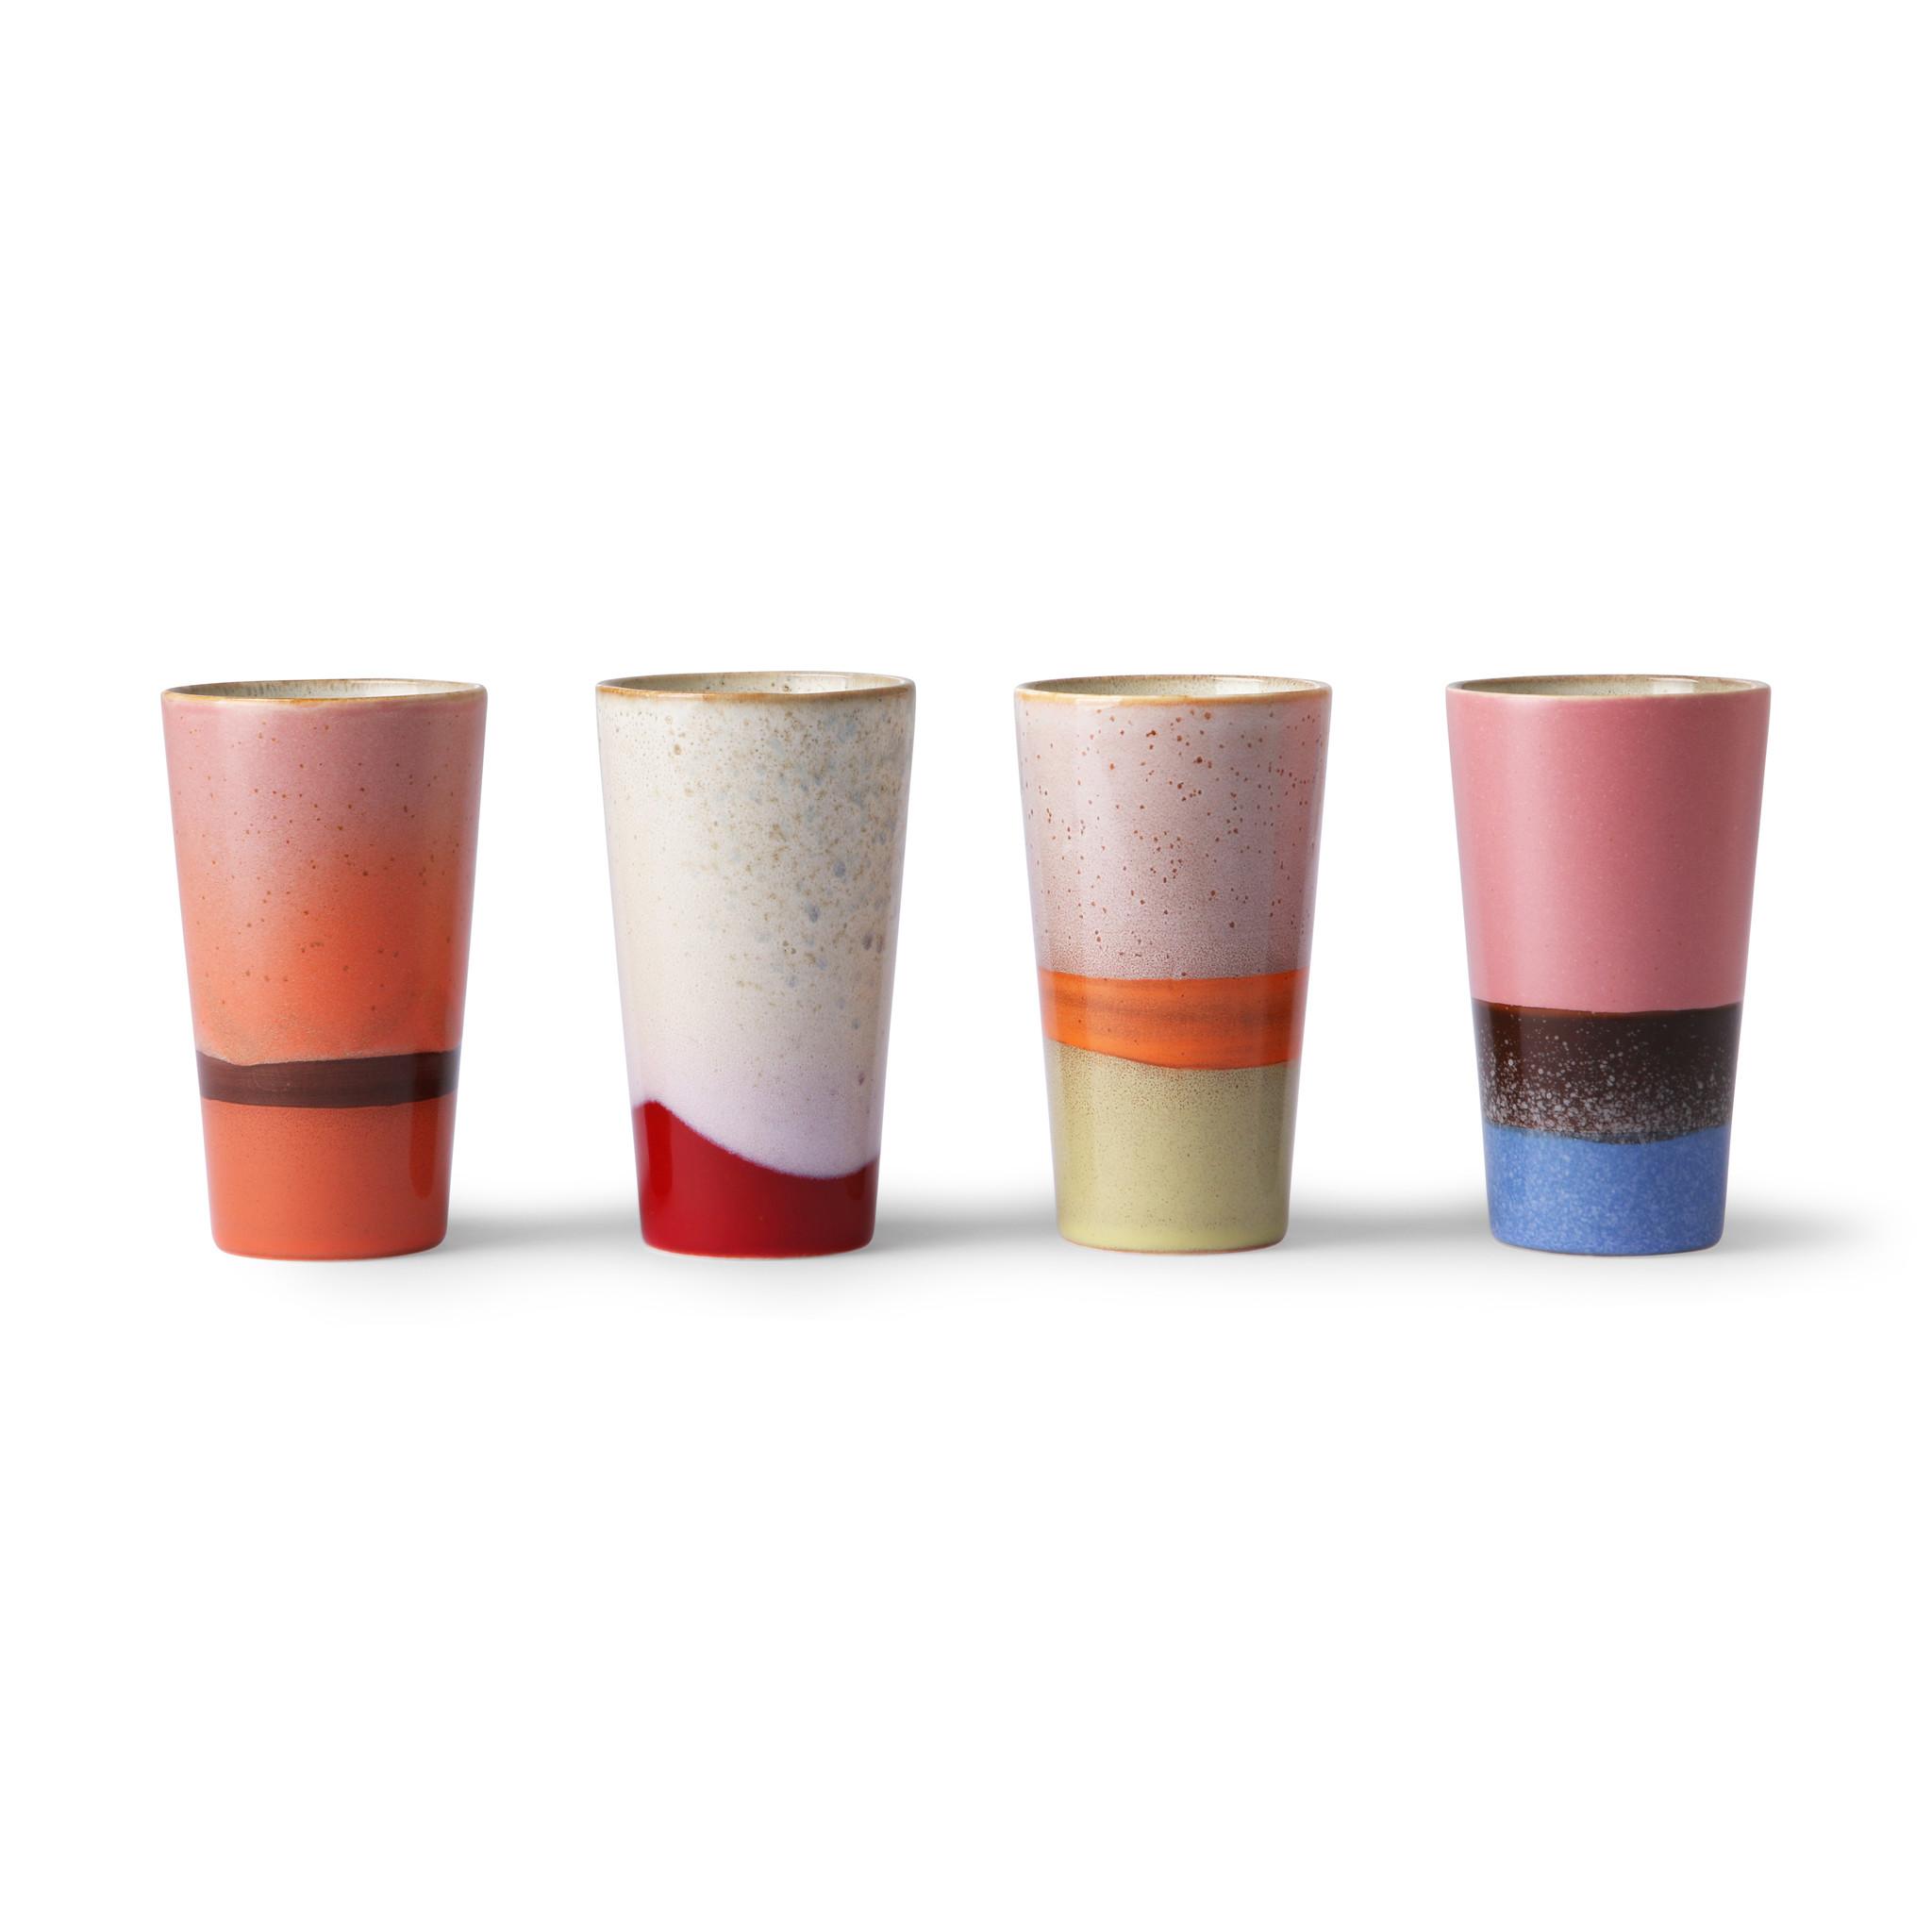 HK Living mokken latte set / 4